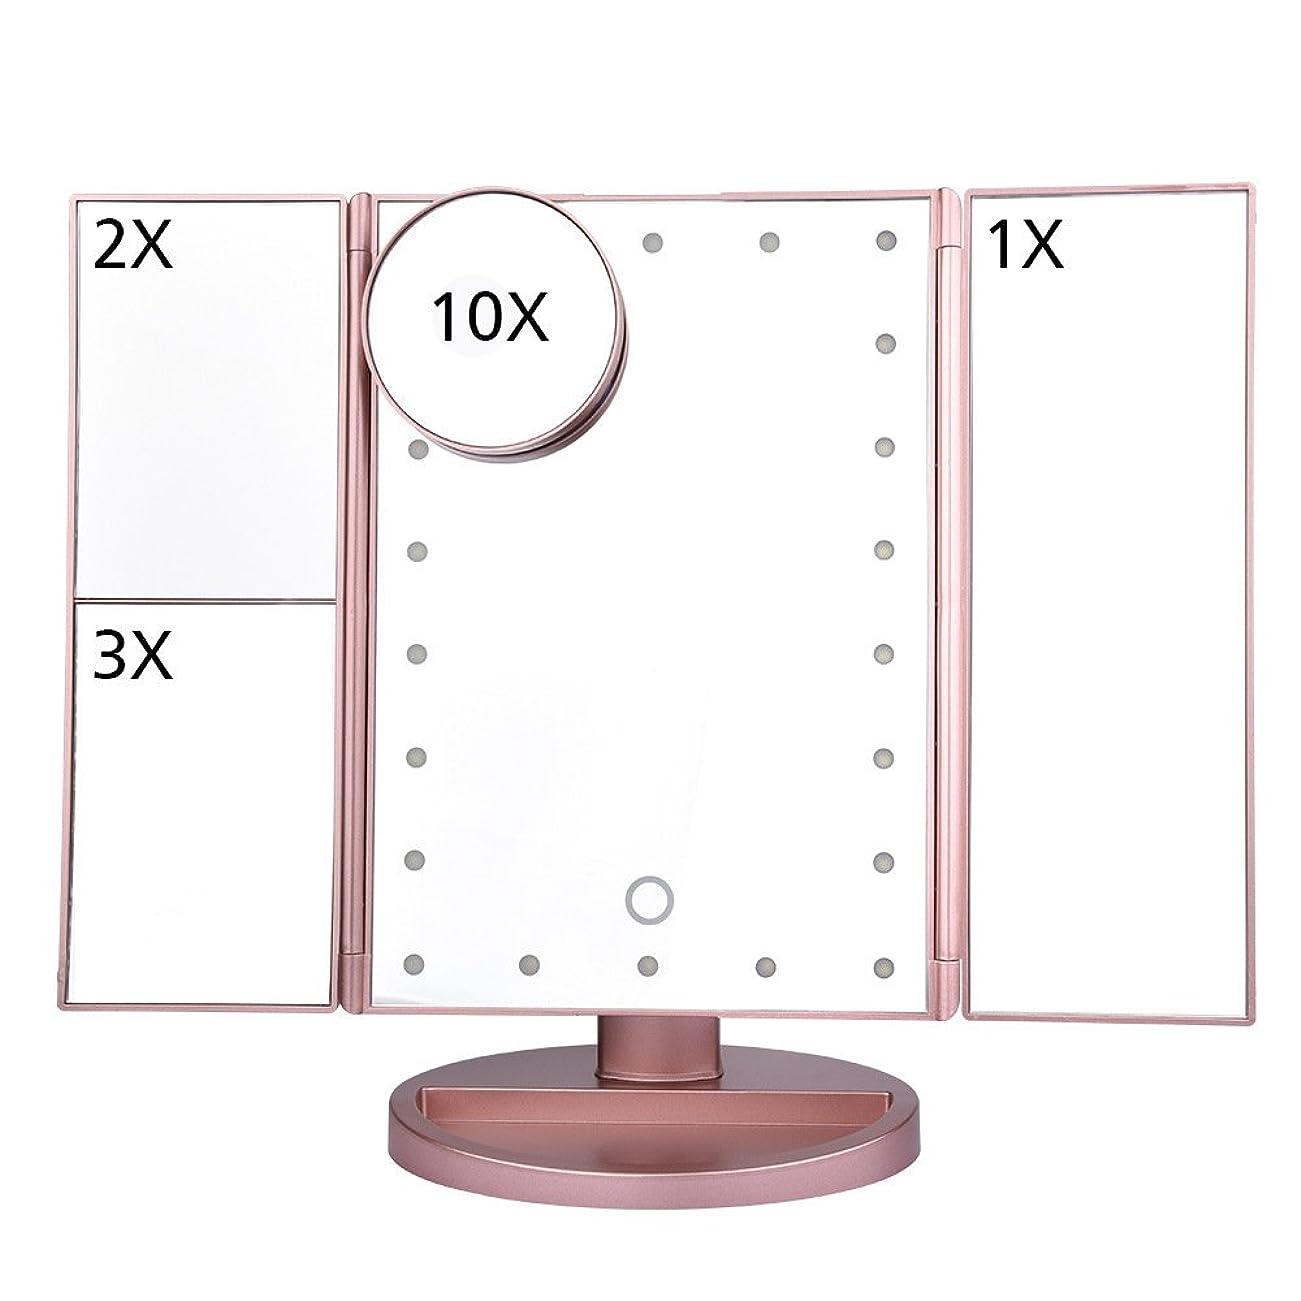 さようなら順番どれRAKU 化粧鏡 LED三面鏡 卓上ミラー 卓上メークミラー 三つ折タイプ 2倍 3倍 10倍拡大鏡付き 明るさ調節可能 180度自由回転 22個LEDライト付き USB/単四電池給電 三つ折卓上化粧鏡 女性のプレゼントに人気 収納台設計 かわいい ピンク